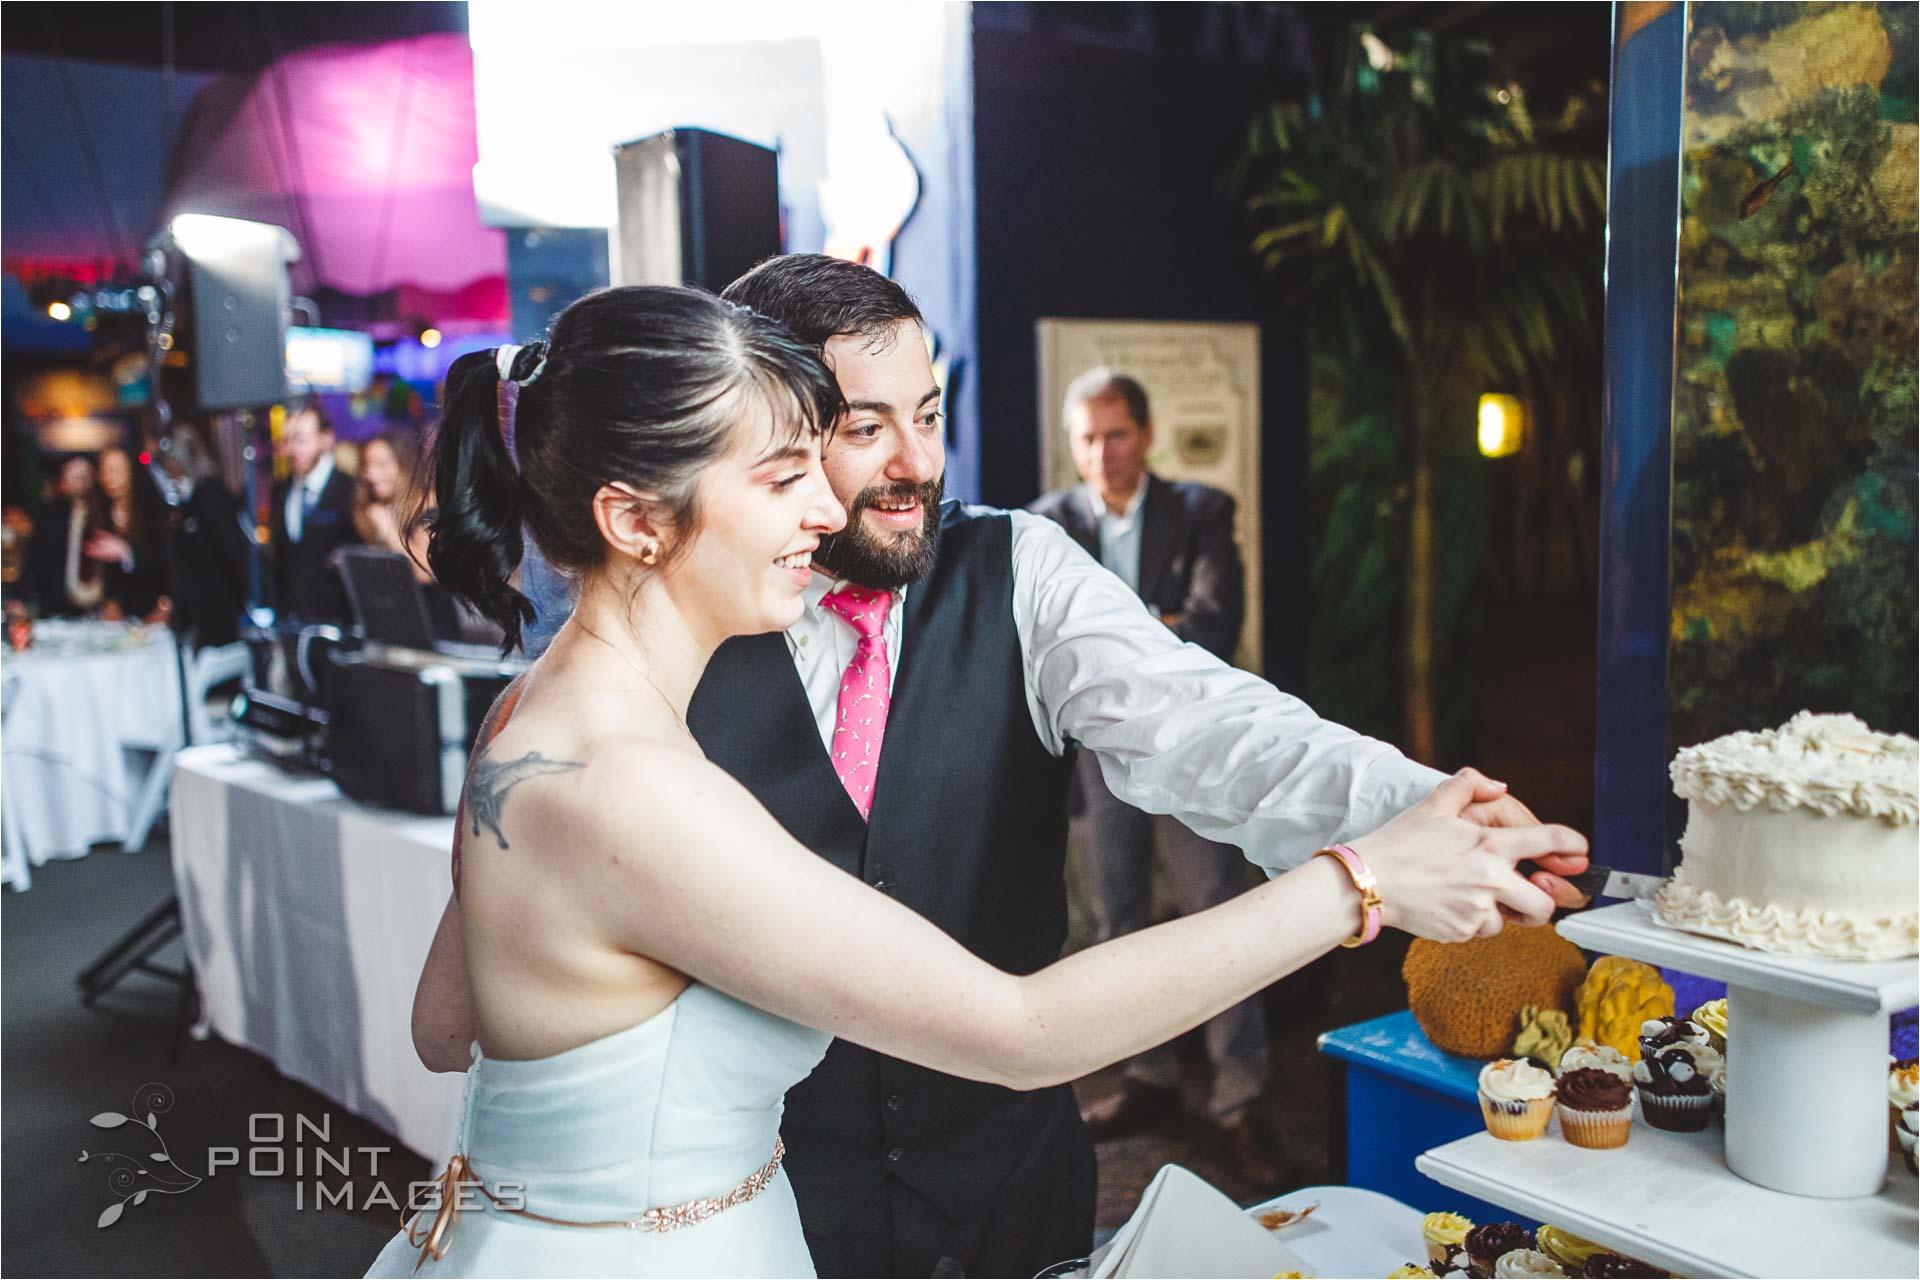 mystic-aquarium-wedding-photographs-39.jpg